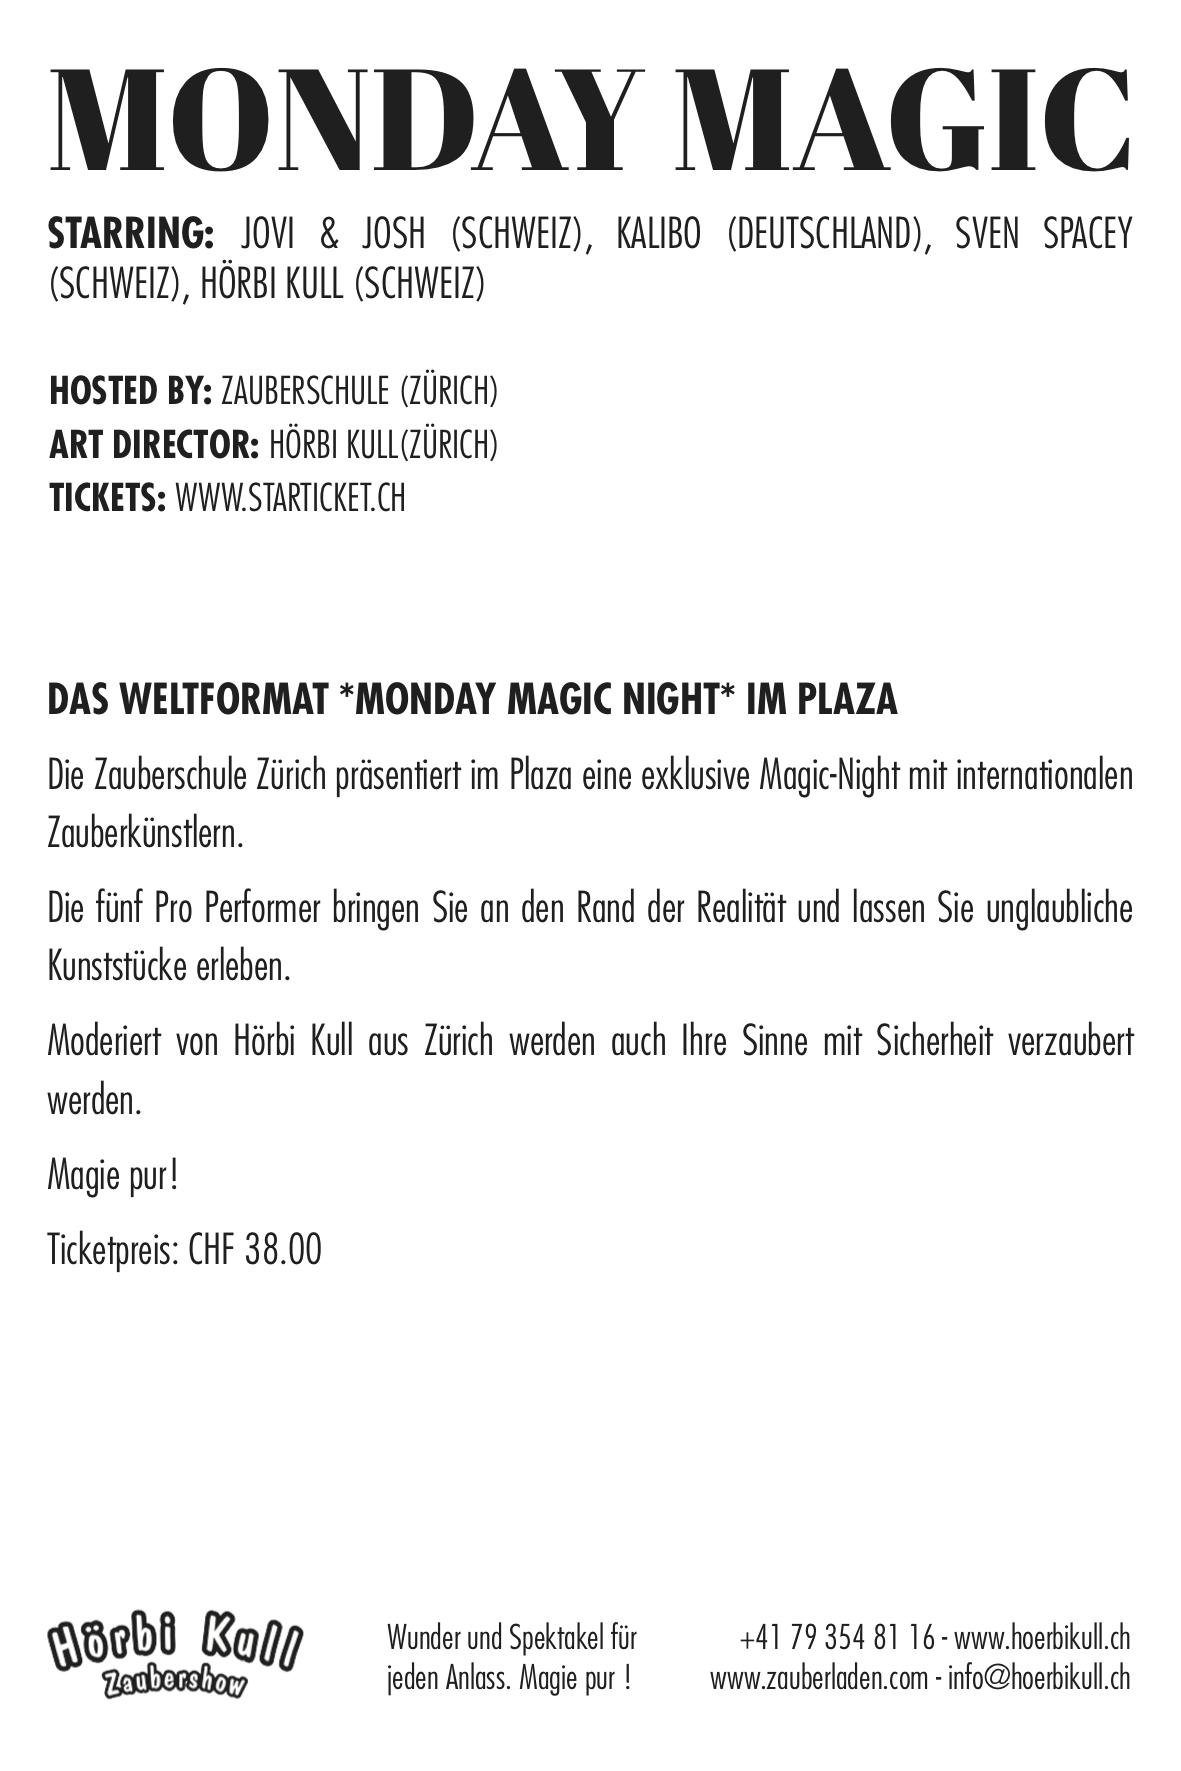 MagicMonday_PostkarteRS